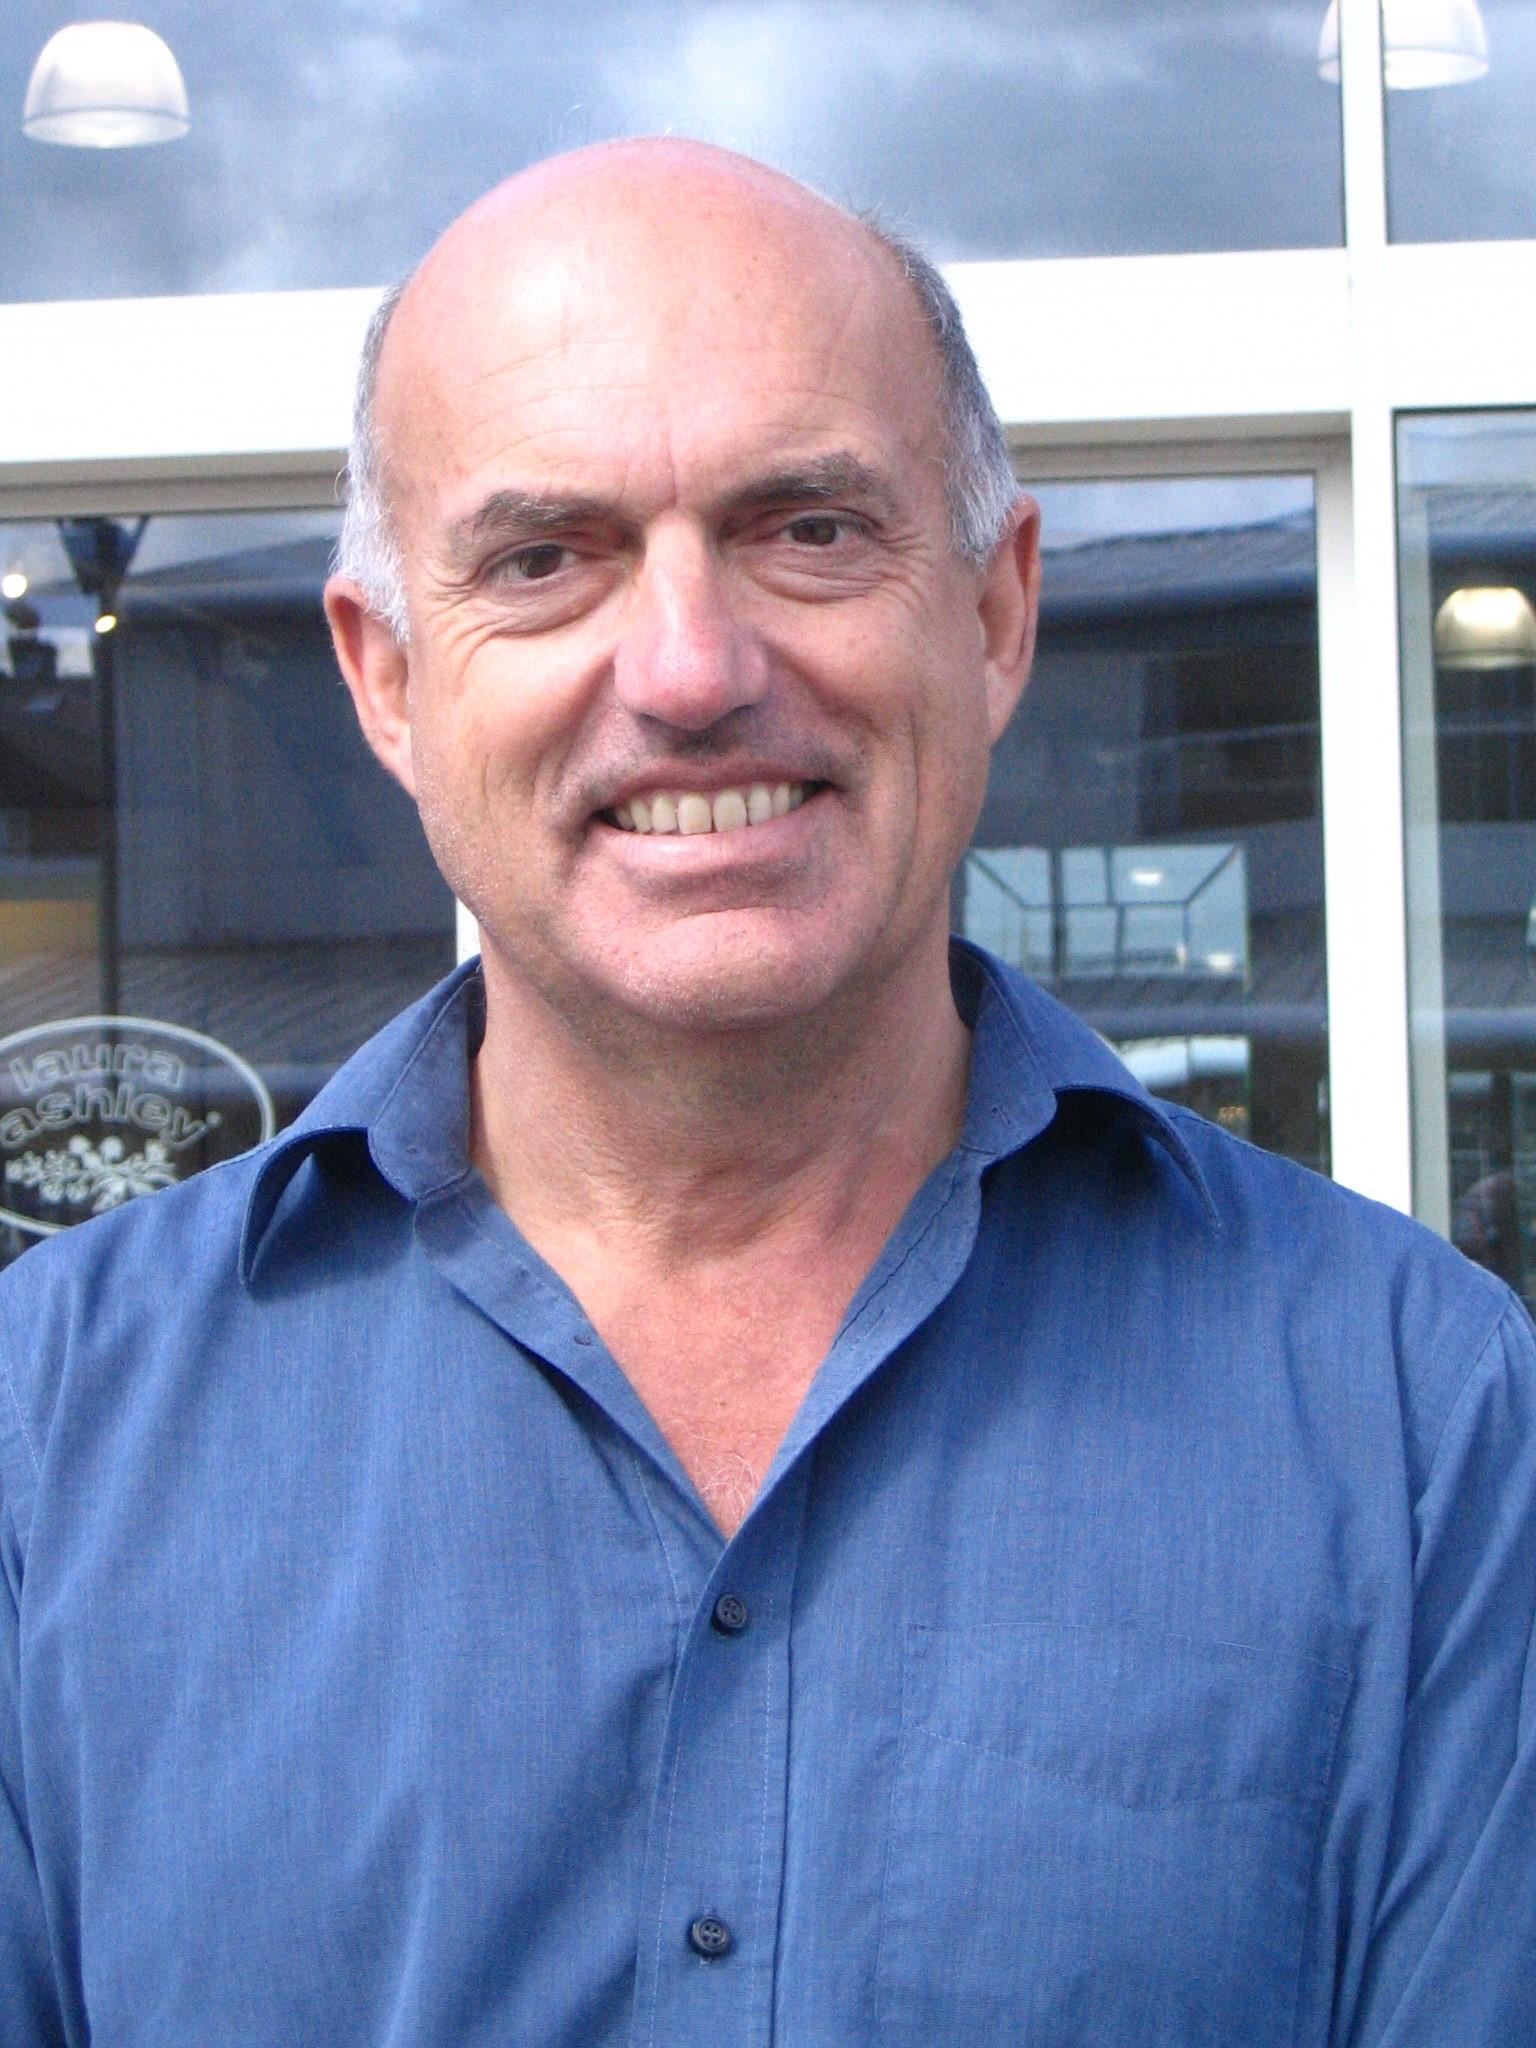 Paul Trowler